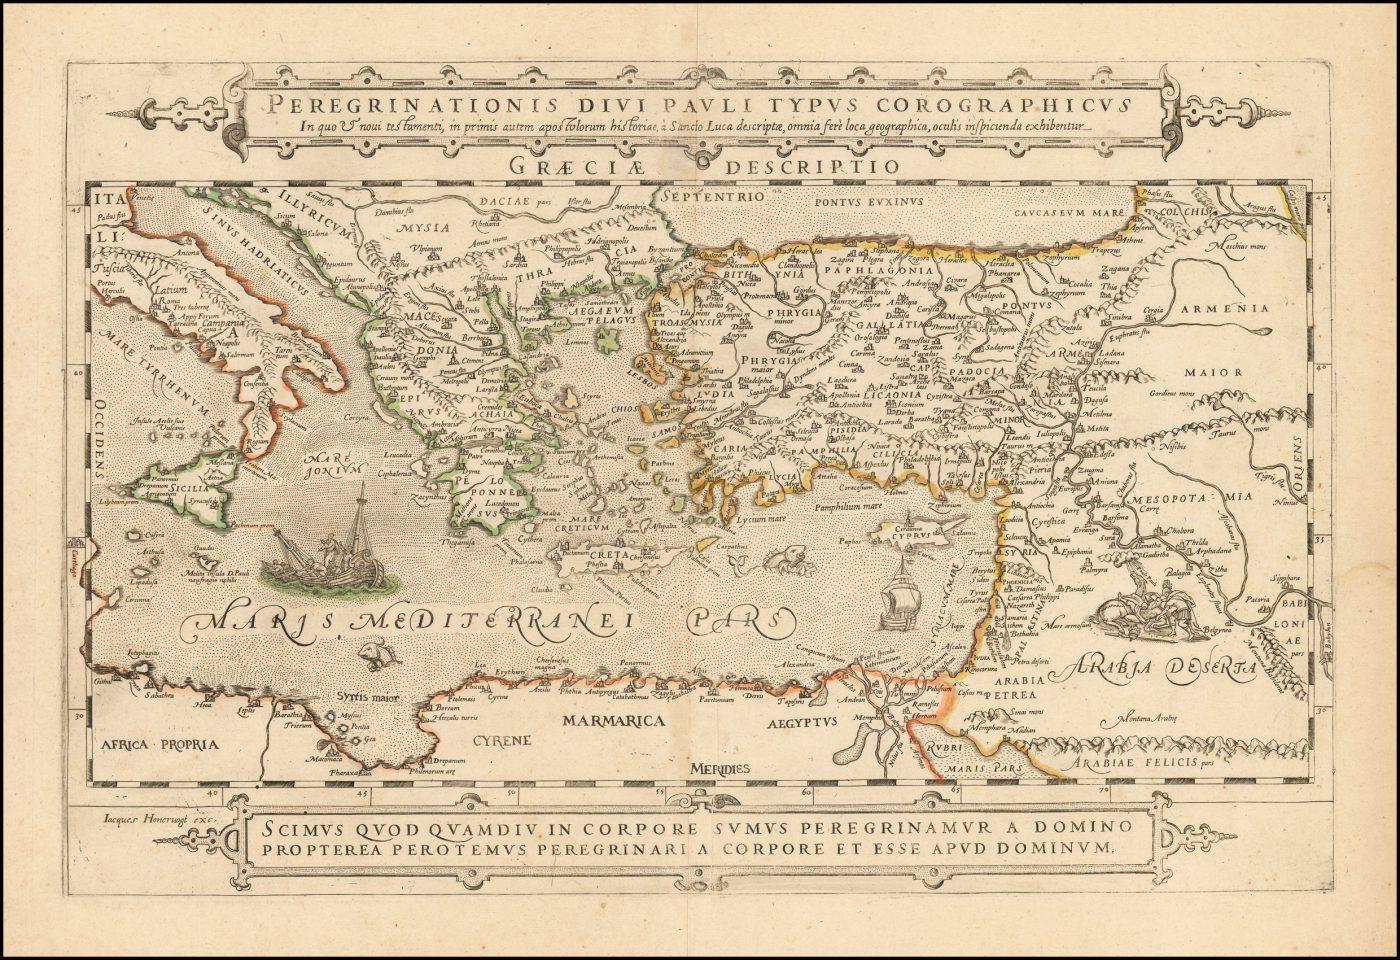 Редкая карта с изображением Ближнего Востока работы Хонервогта, сделанная в 1655 году